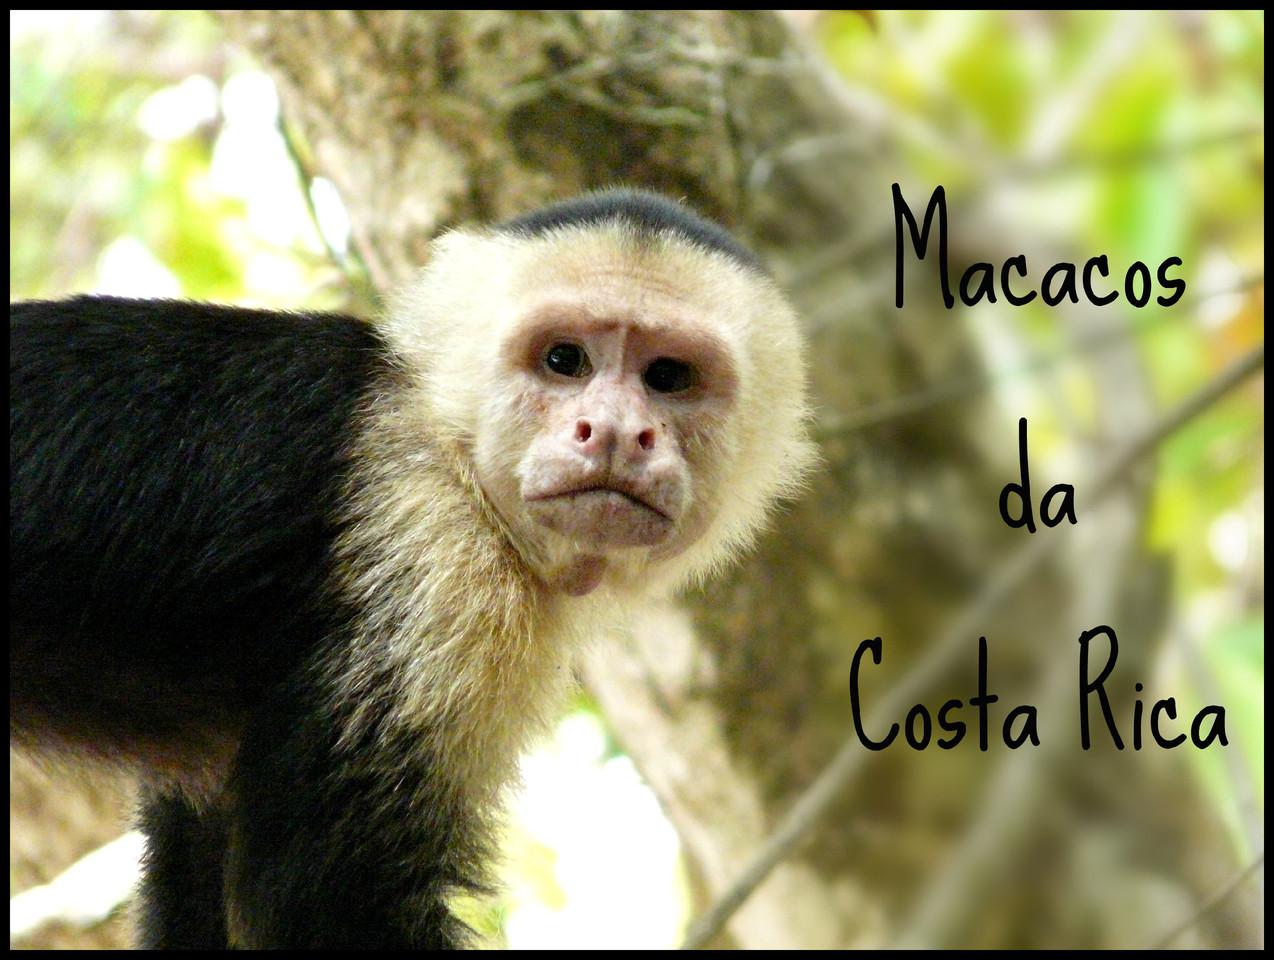 Macacos da Costa Rica.jpg